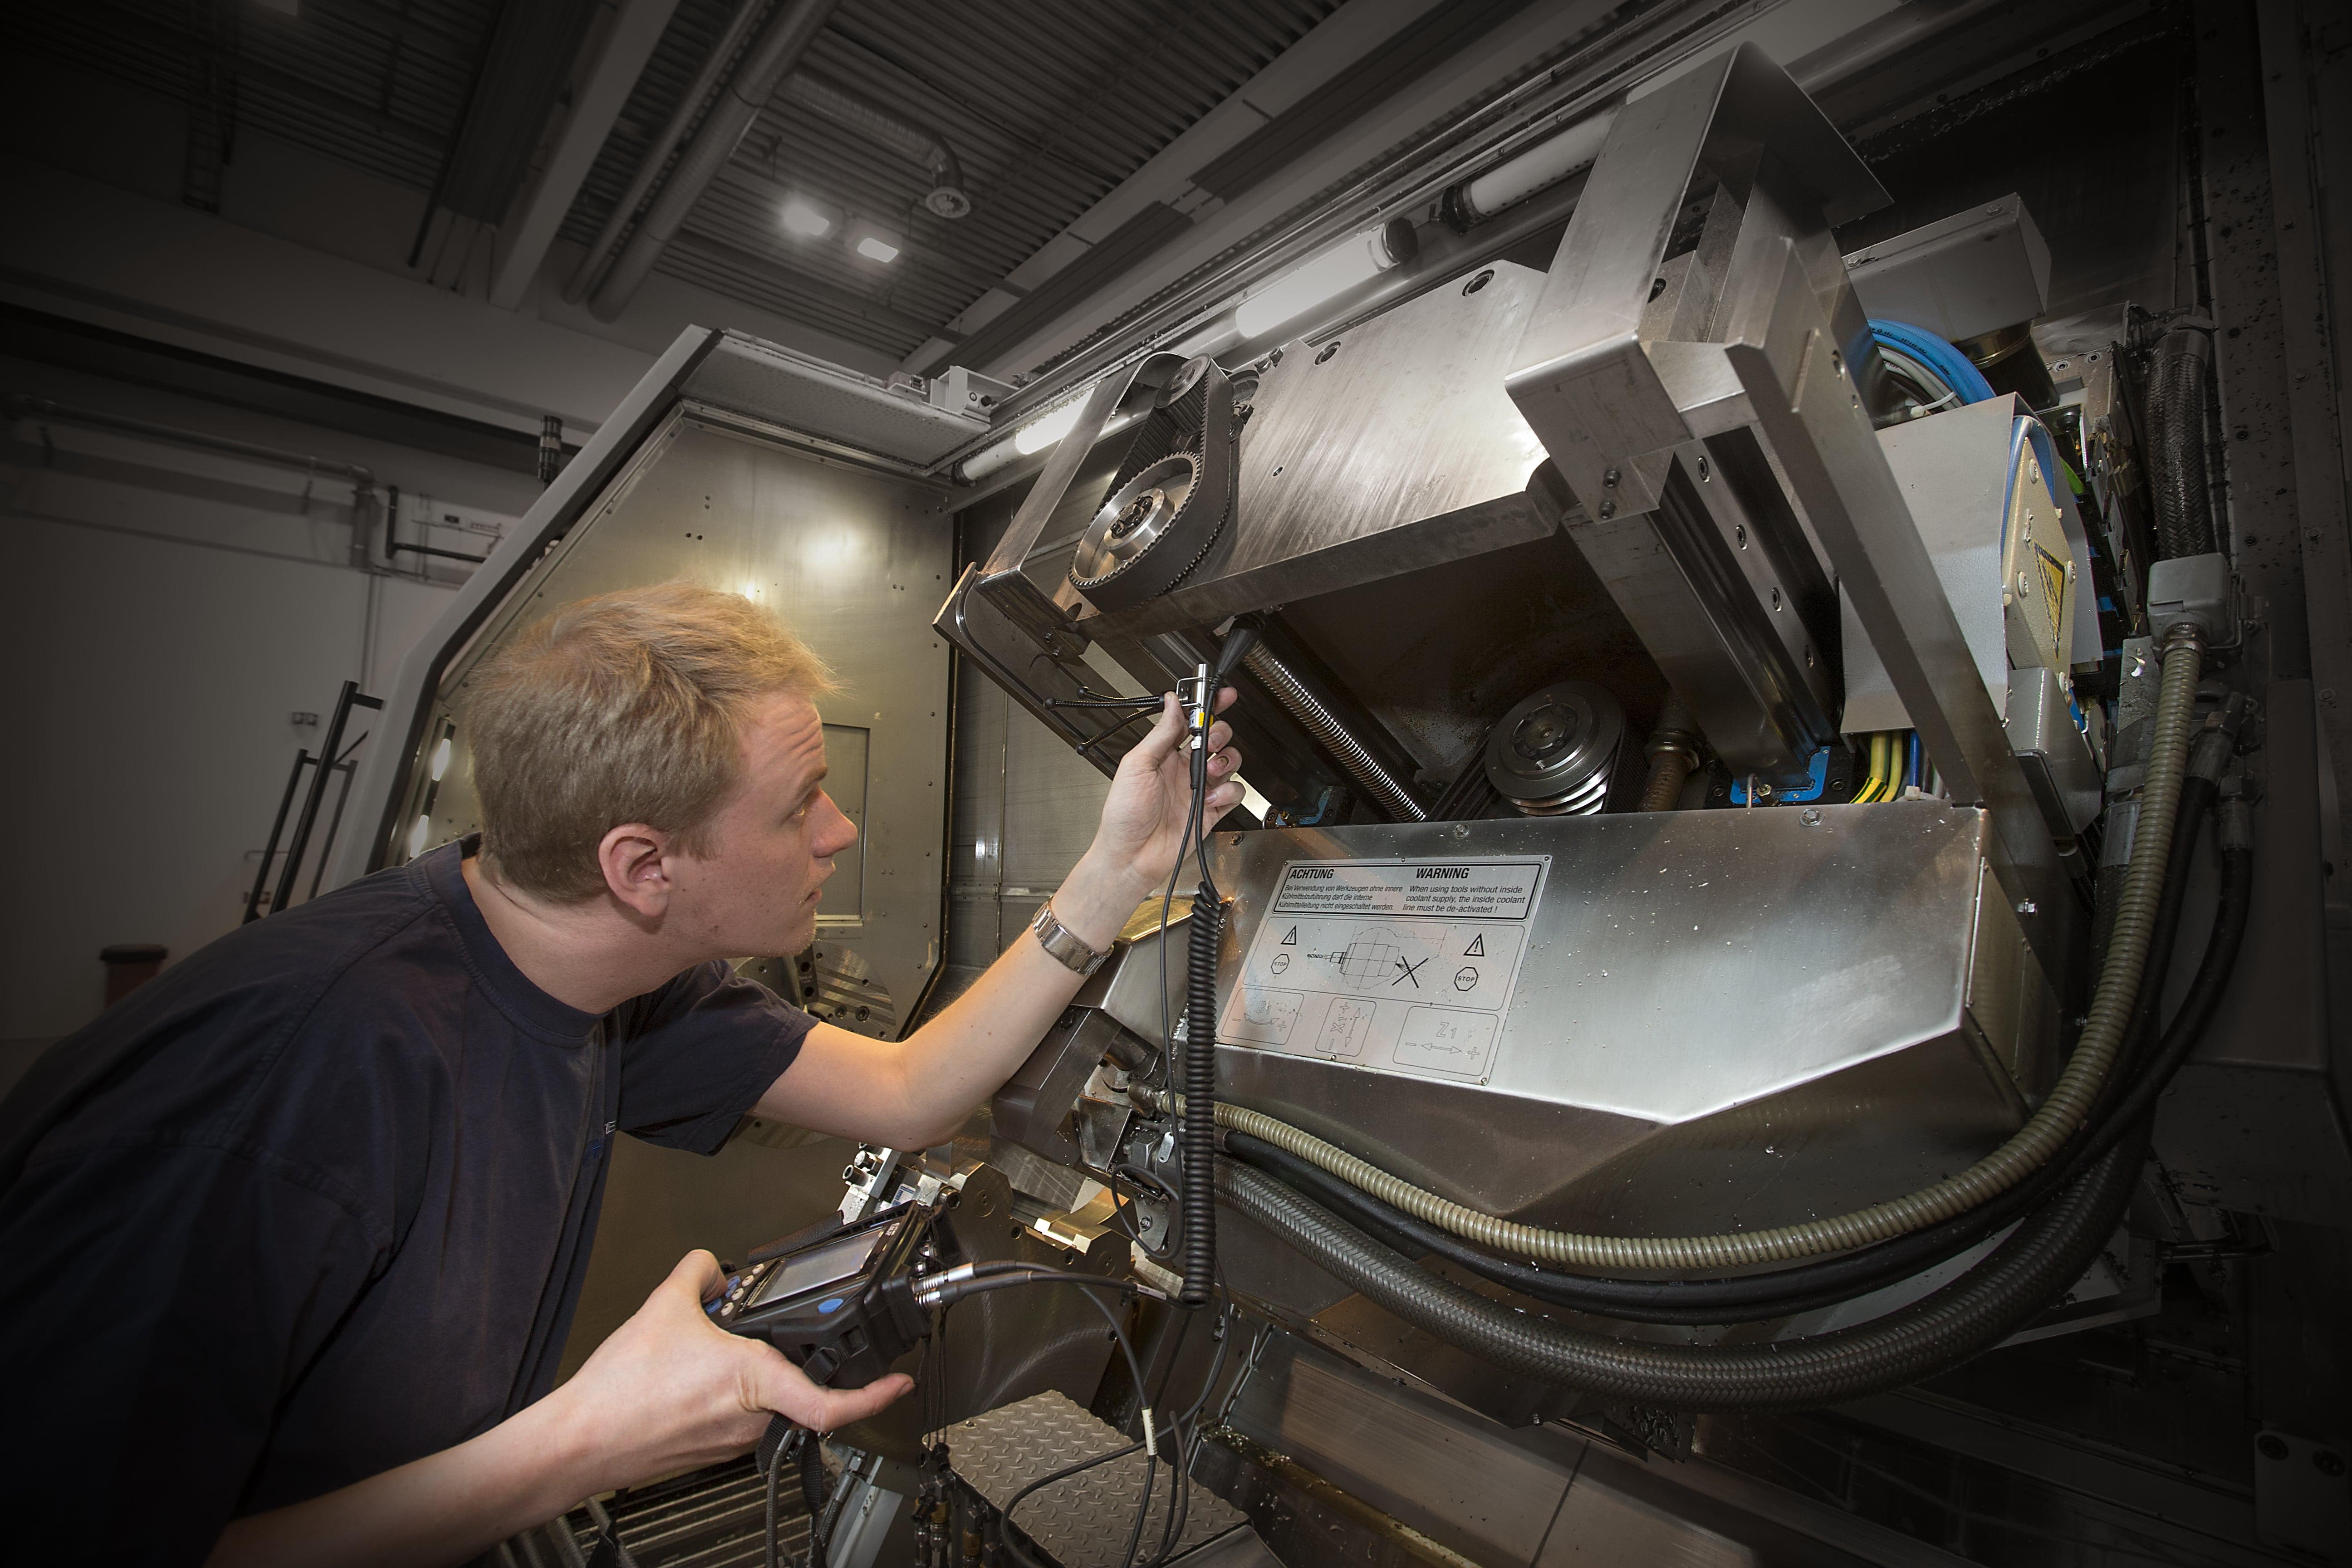 En ansatt jobber med måleinstrument på en maskin